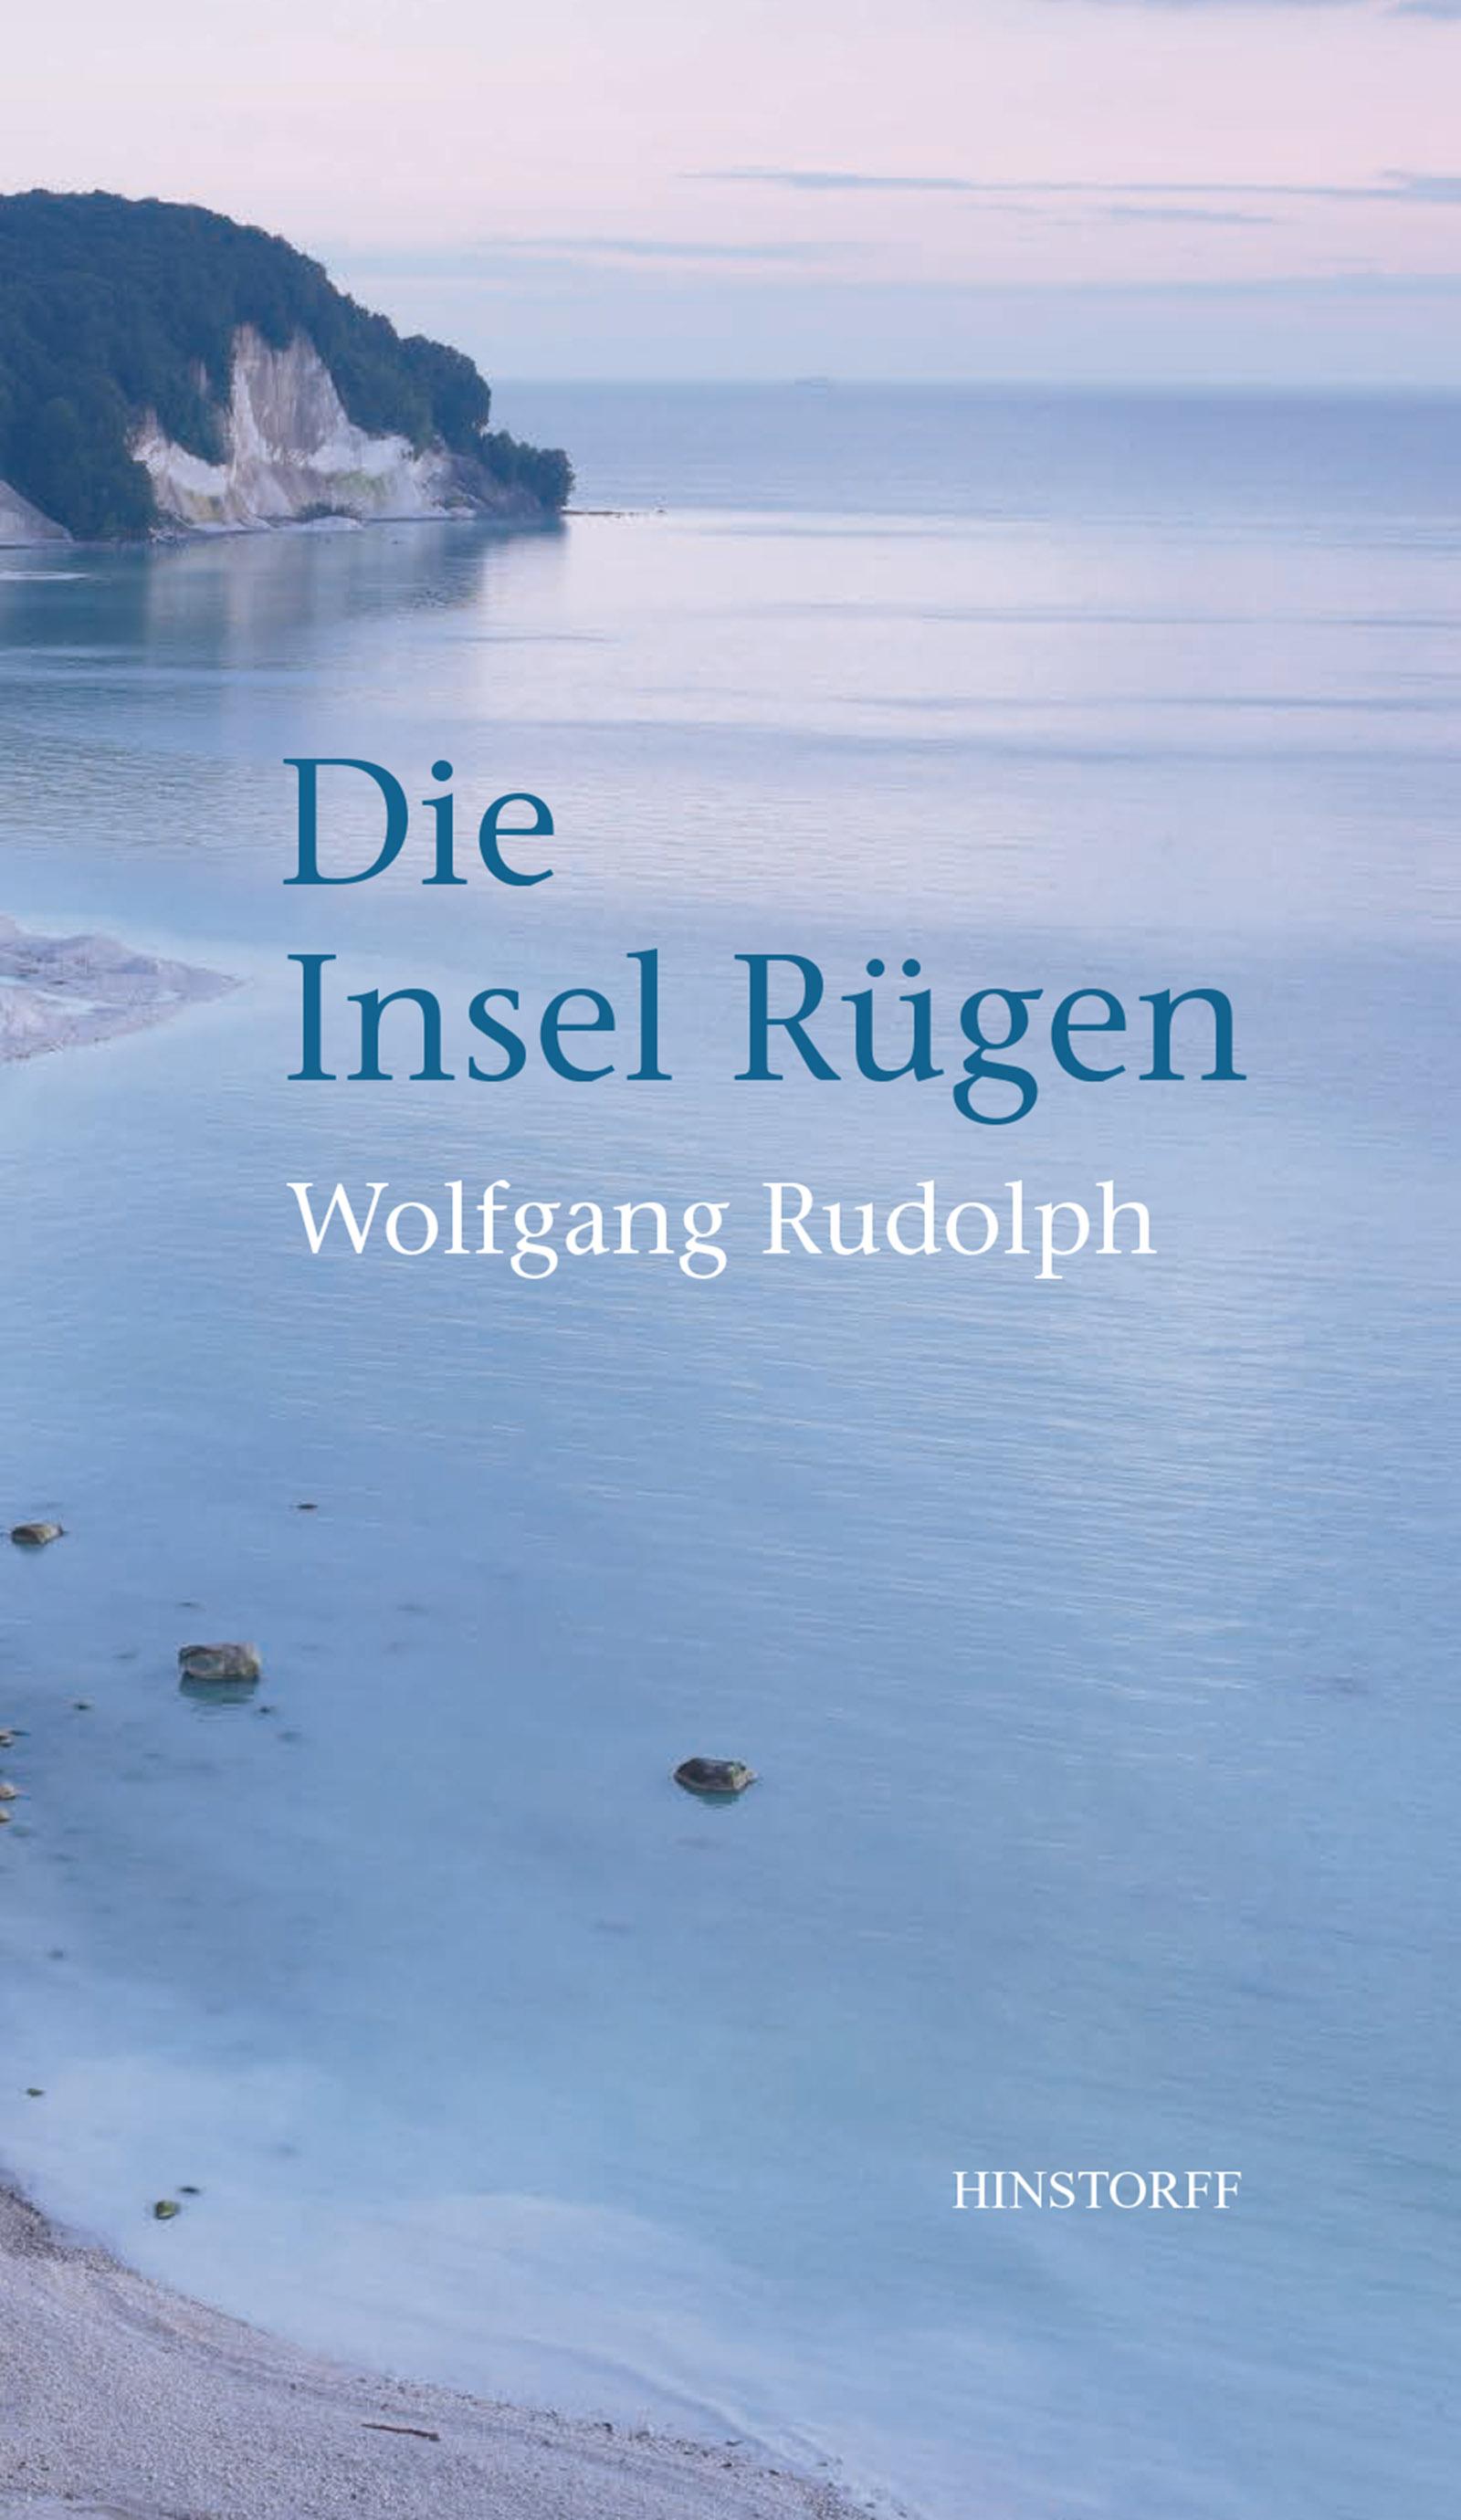 Die Insel Rügen